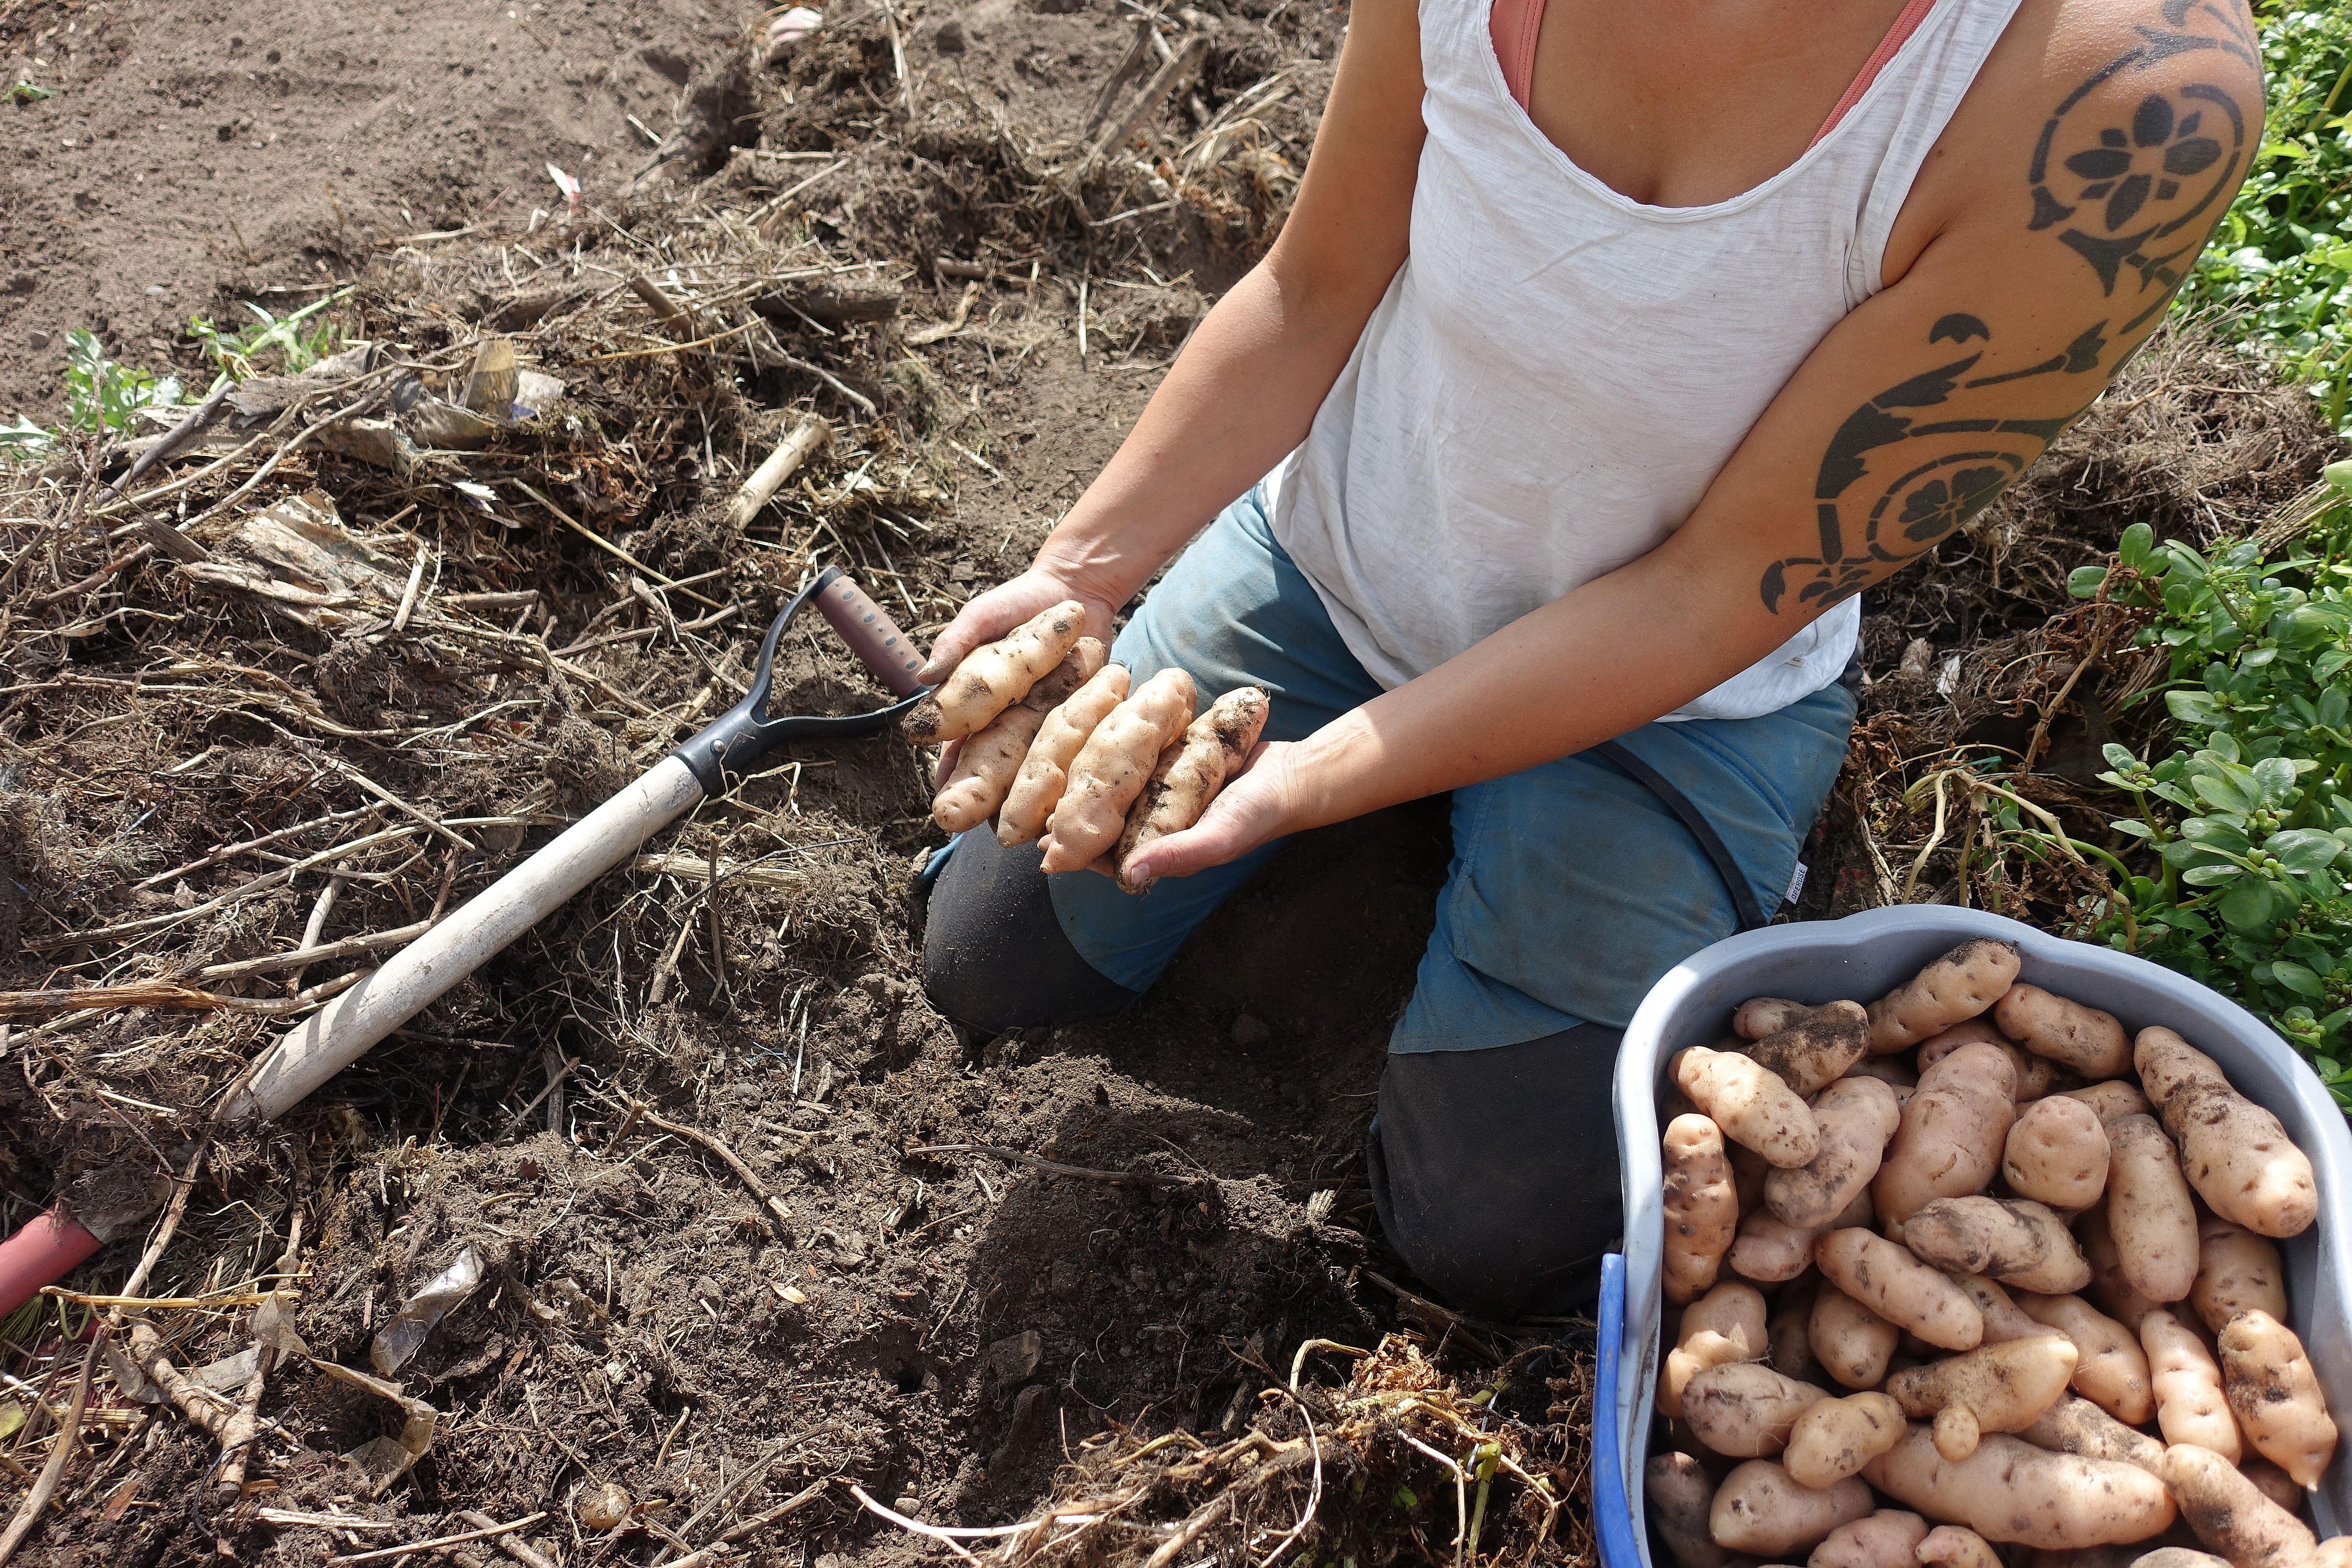 Sara sitter i landet och håller avlång potatis i händerna.Summer sowing, Sara with potatoes